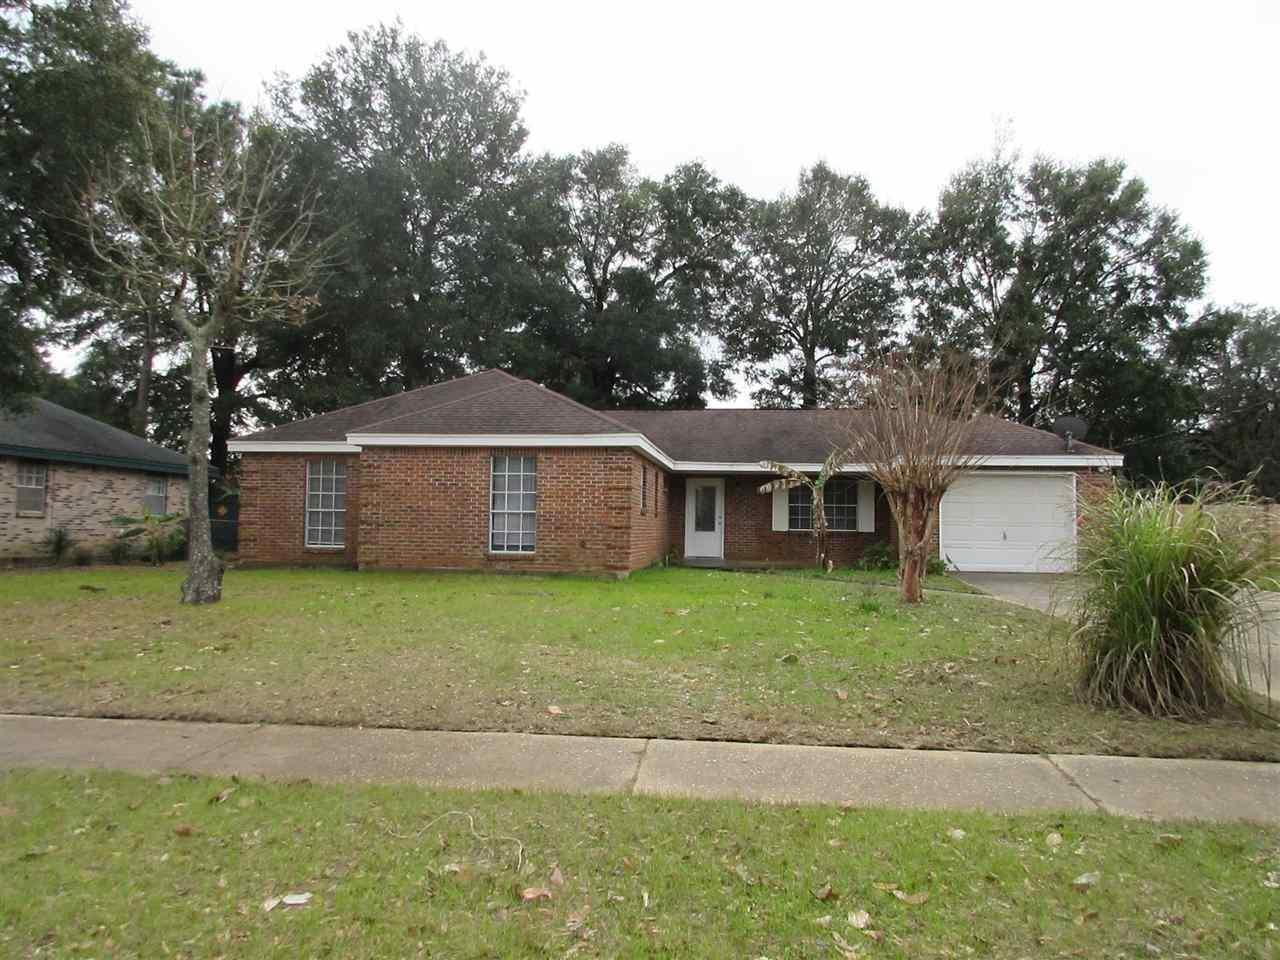 4285 BONWAY DR, Pensacola, Florida